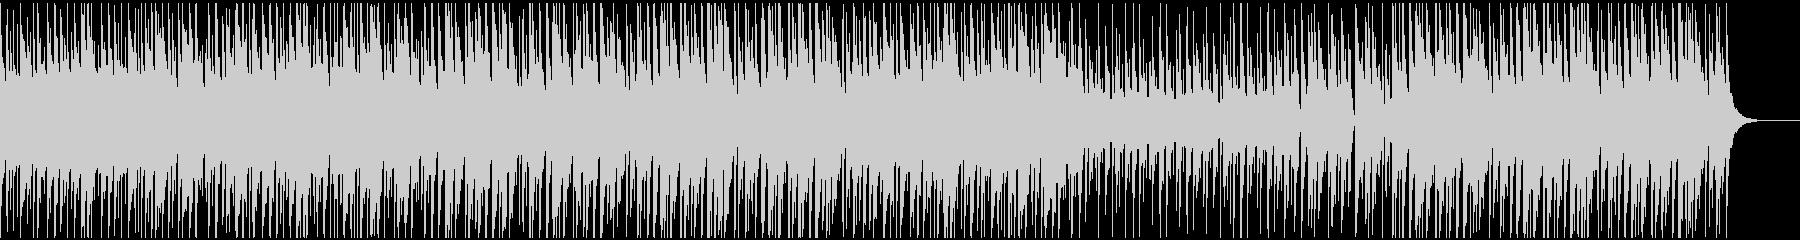 YouTube風かわいくしっかりサウンドの未再生の波形